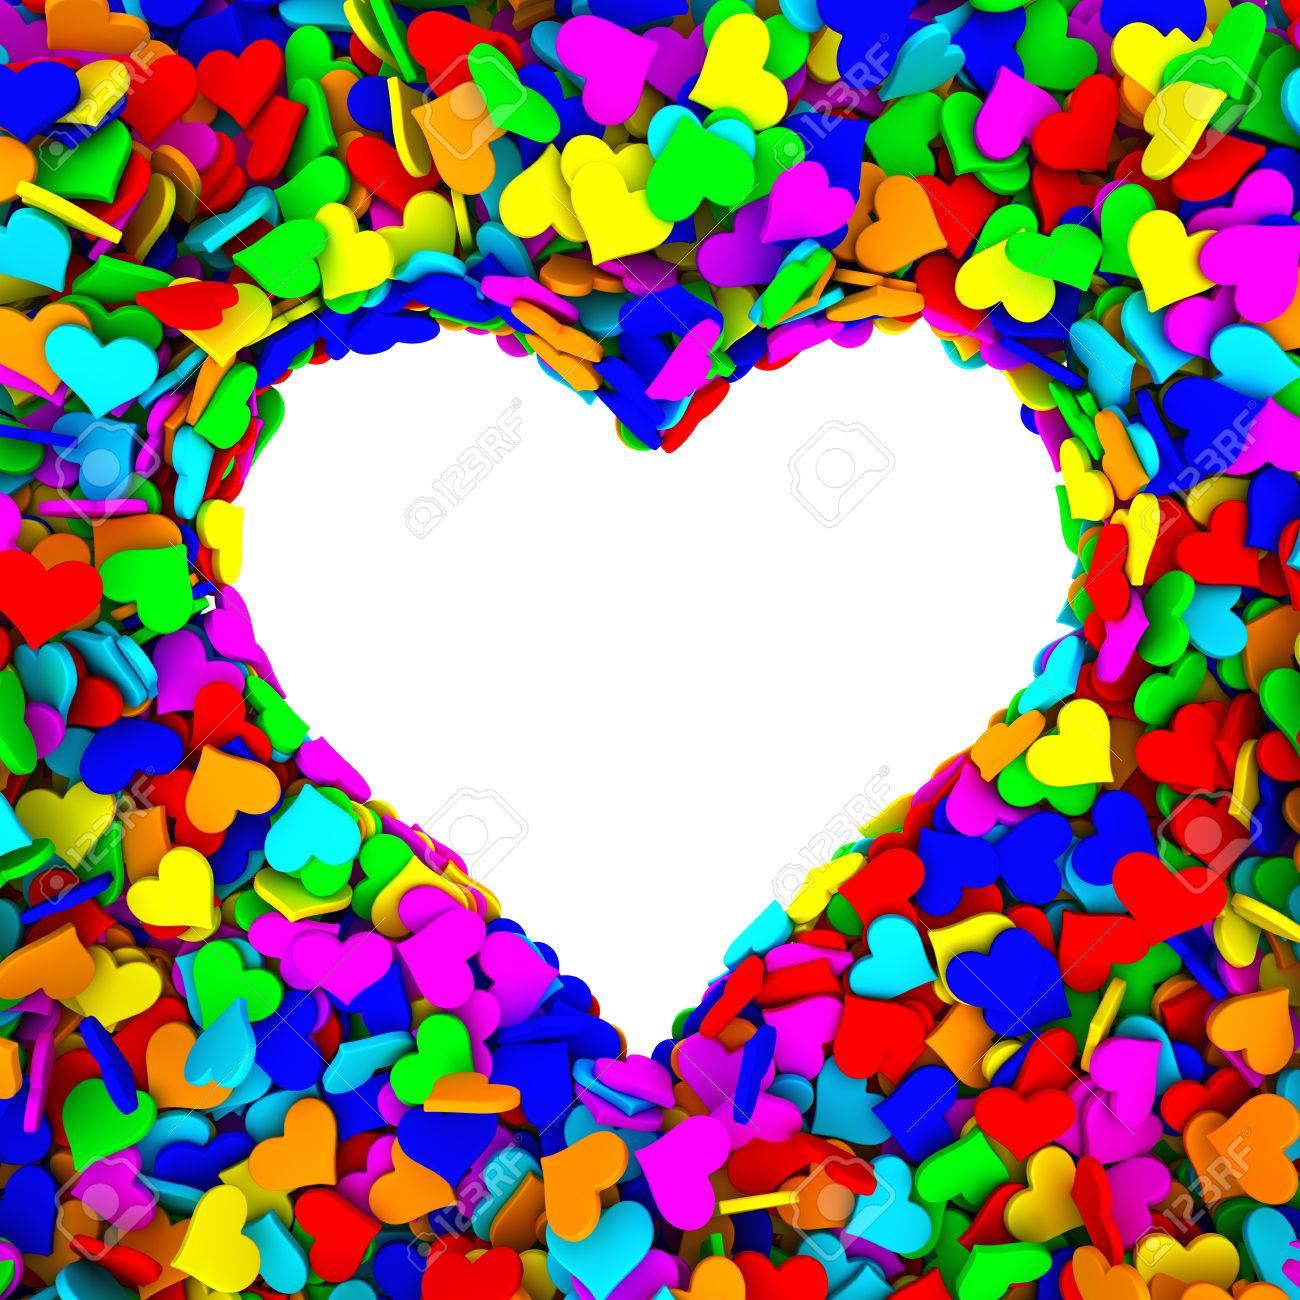 Leere Rahmen Von Herzen Form Aus Vielen Kleinen Bunten Herzen ...